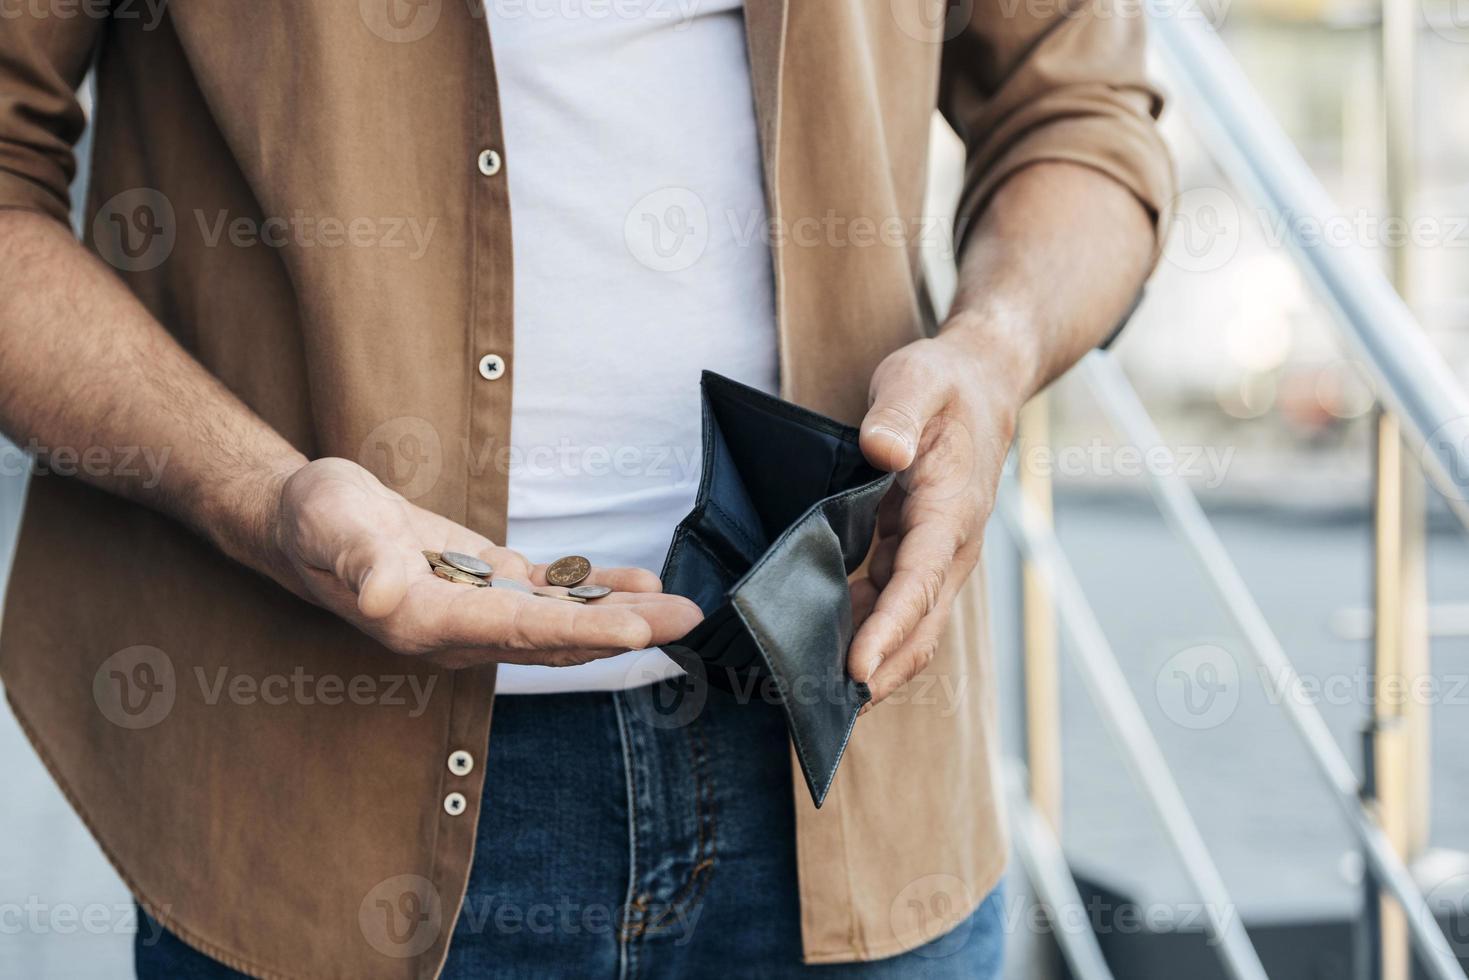 Cerca de manos sosteniendo billetera y monedas foto